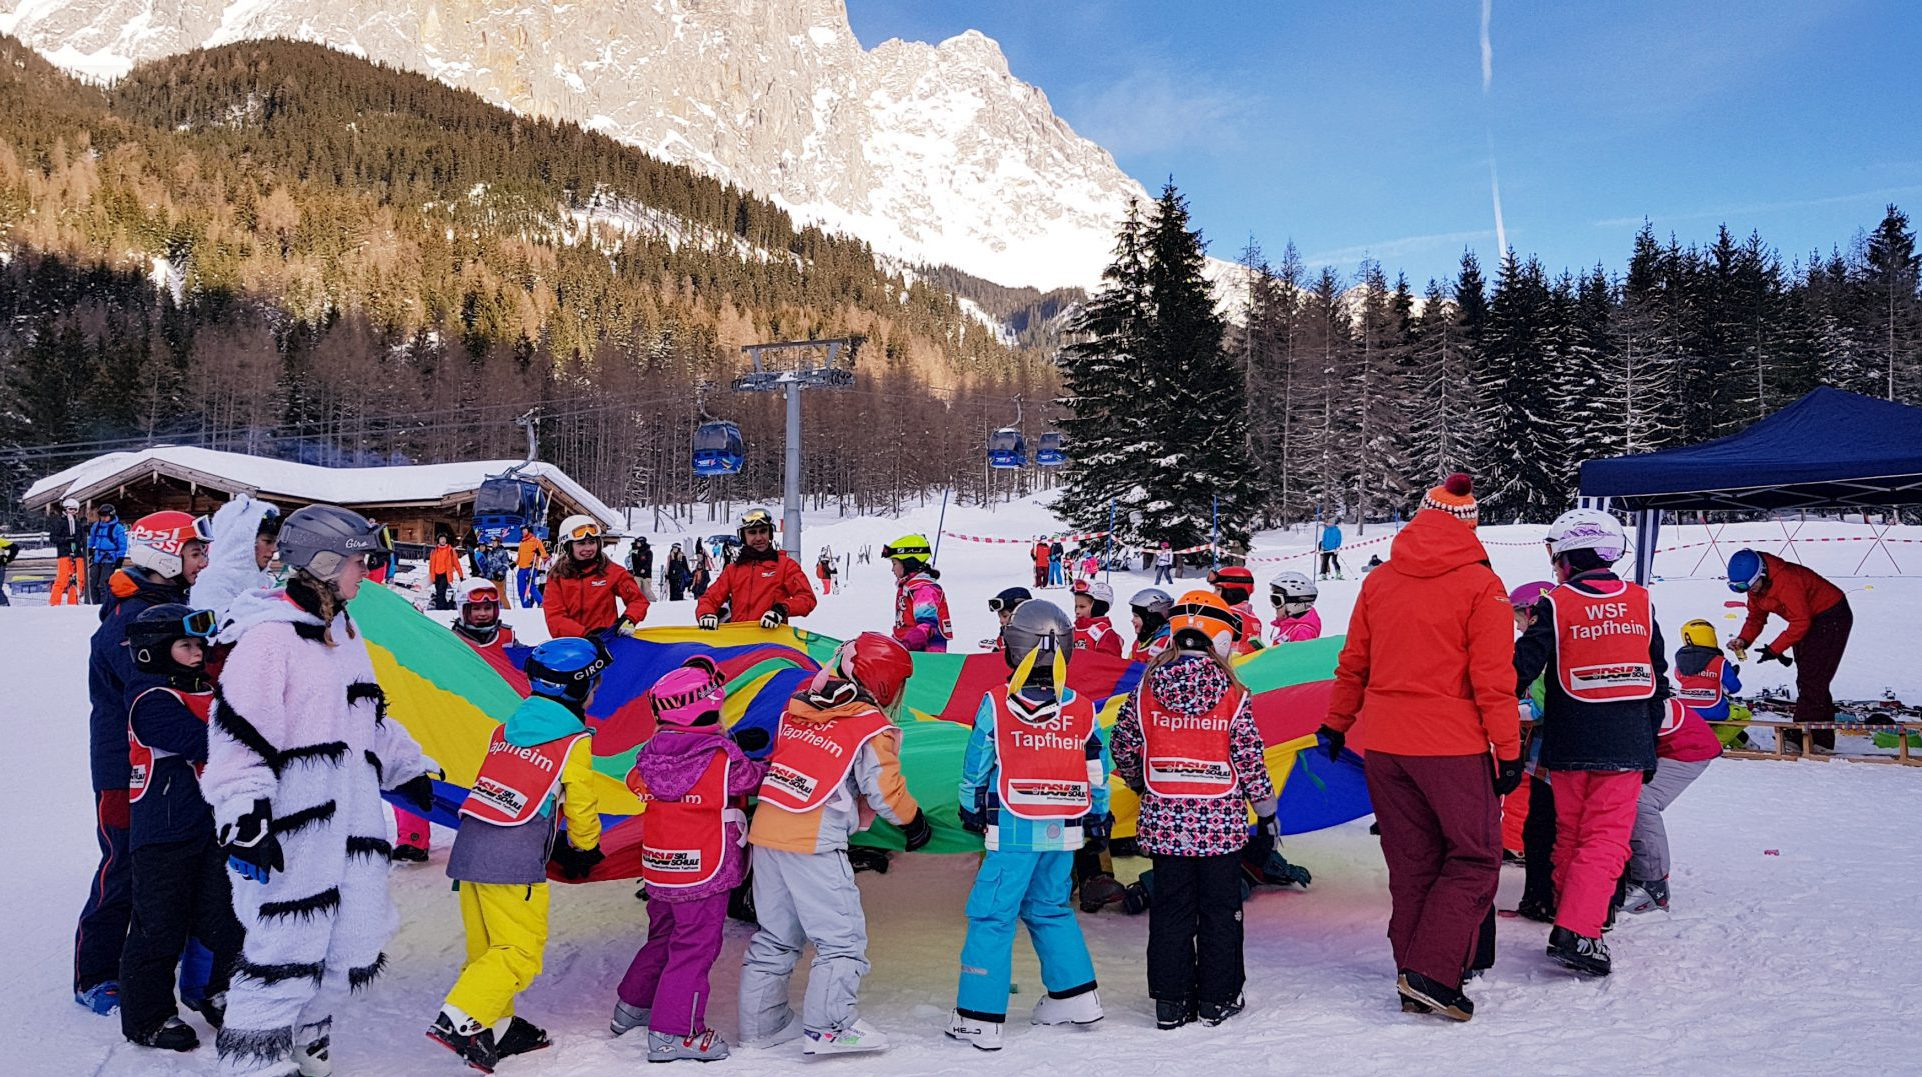 Absage Des Skikurs 2020/2021